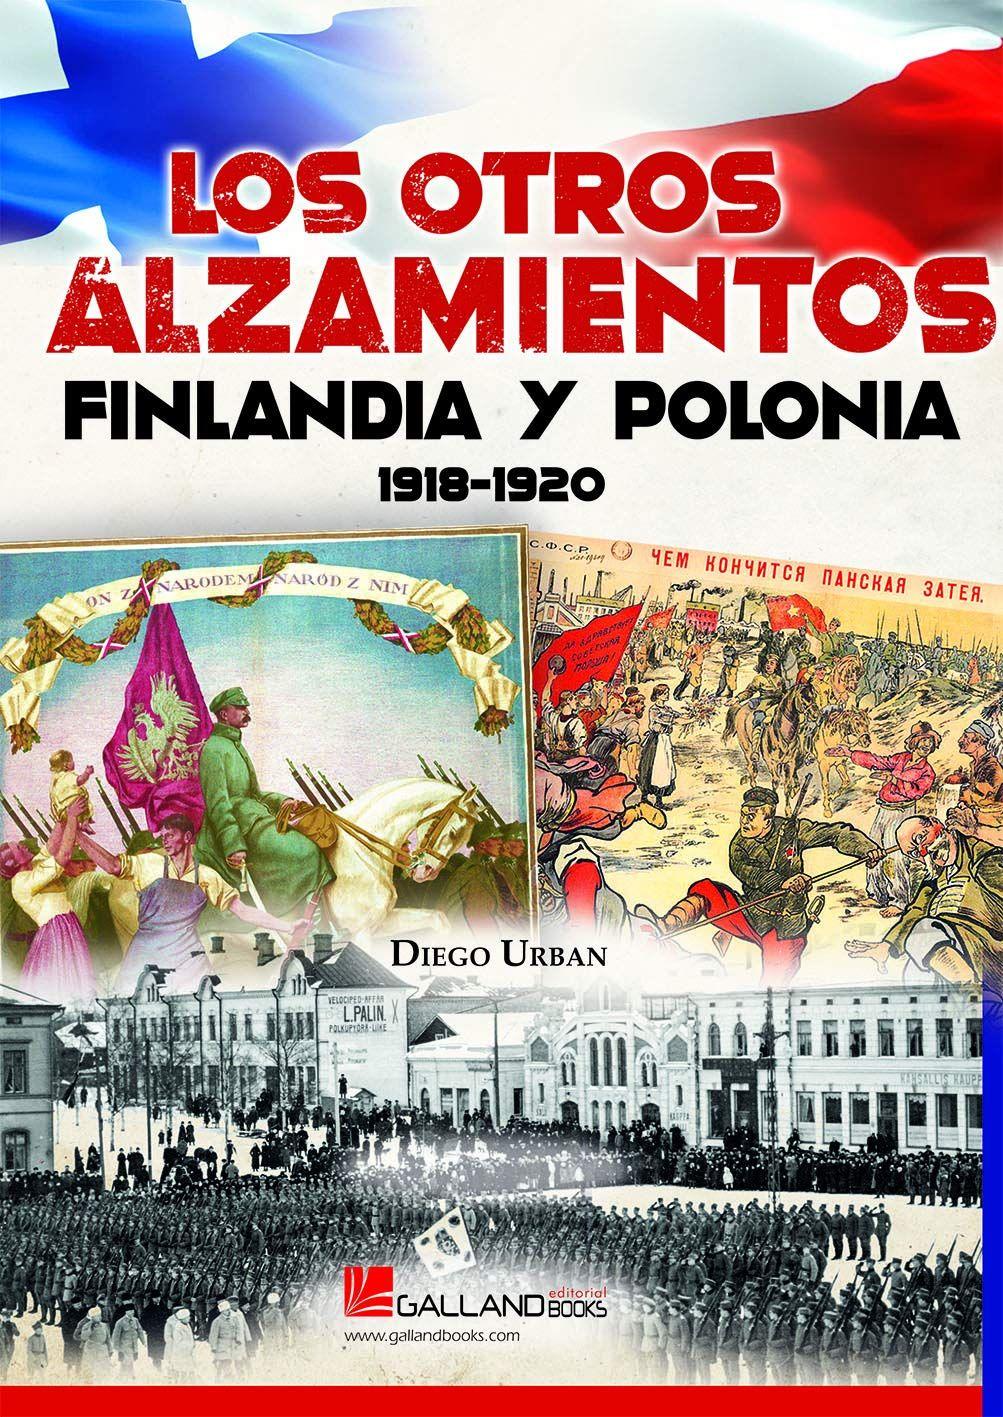 OTROS ALZAMIENTOS FINLANDIA Y POLONIA